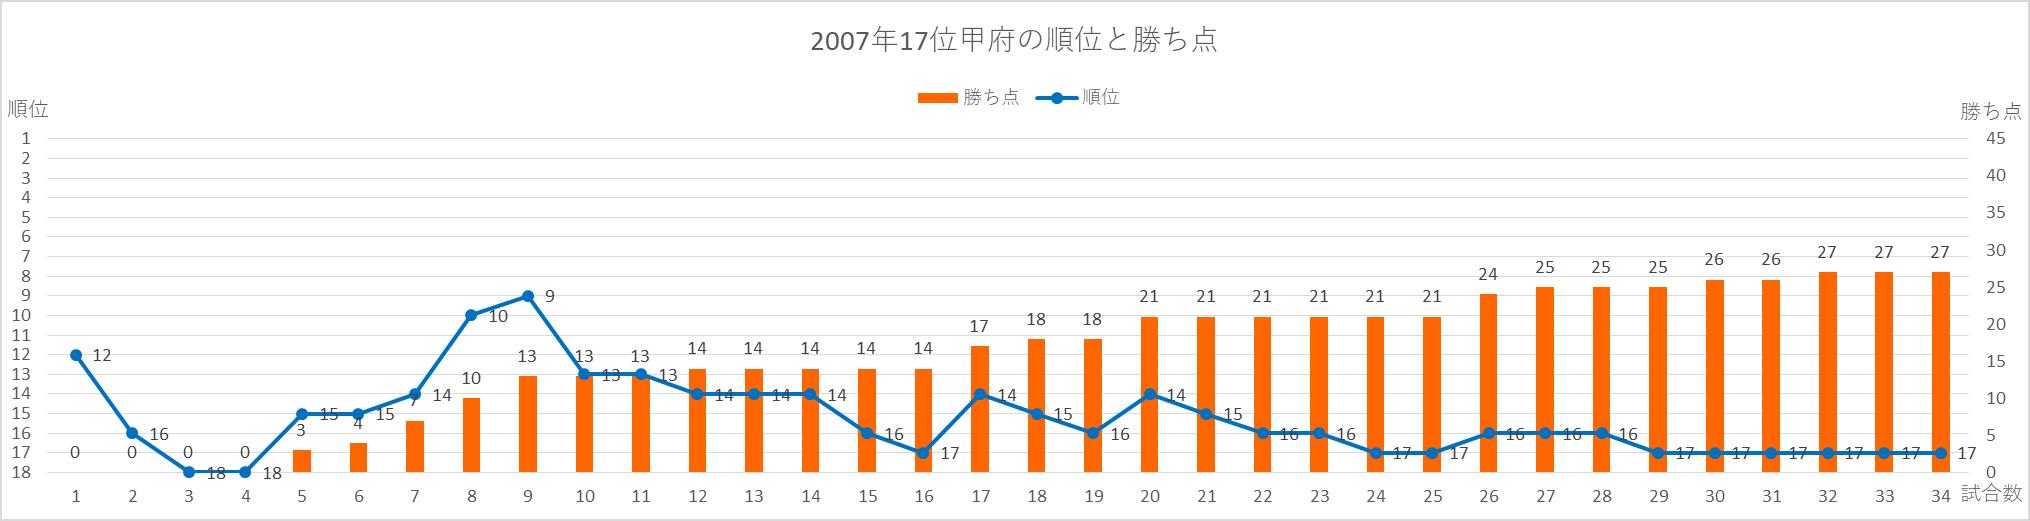 2007年甲府の順位と勝ち点の推移